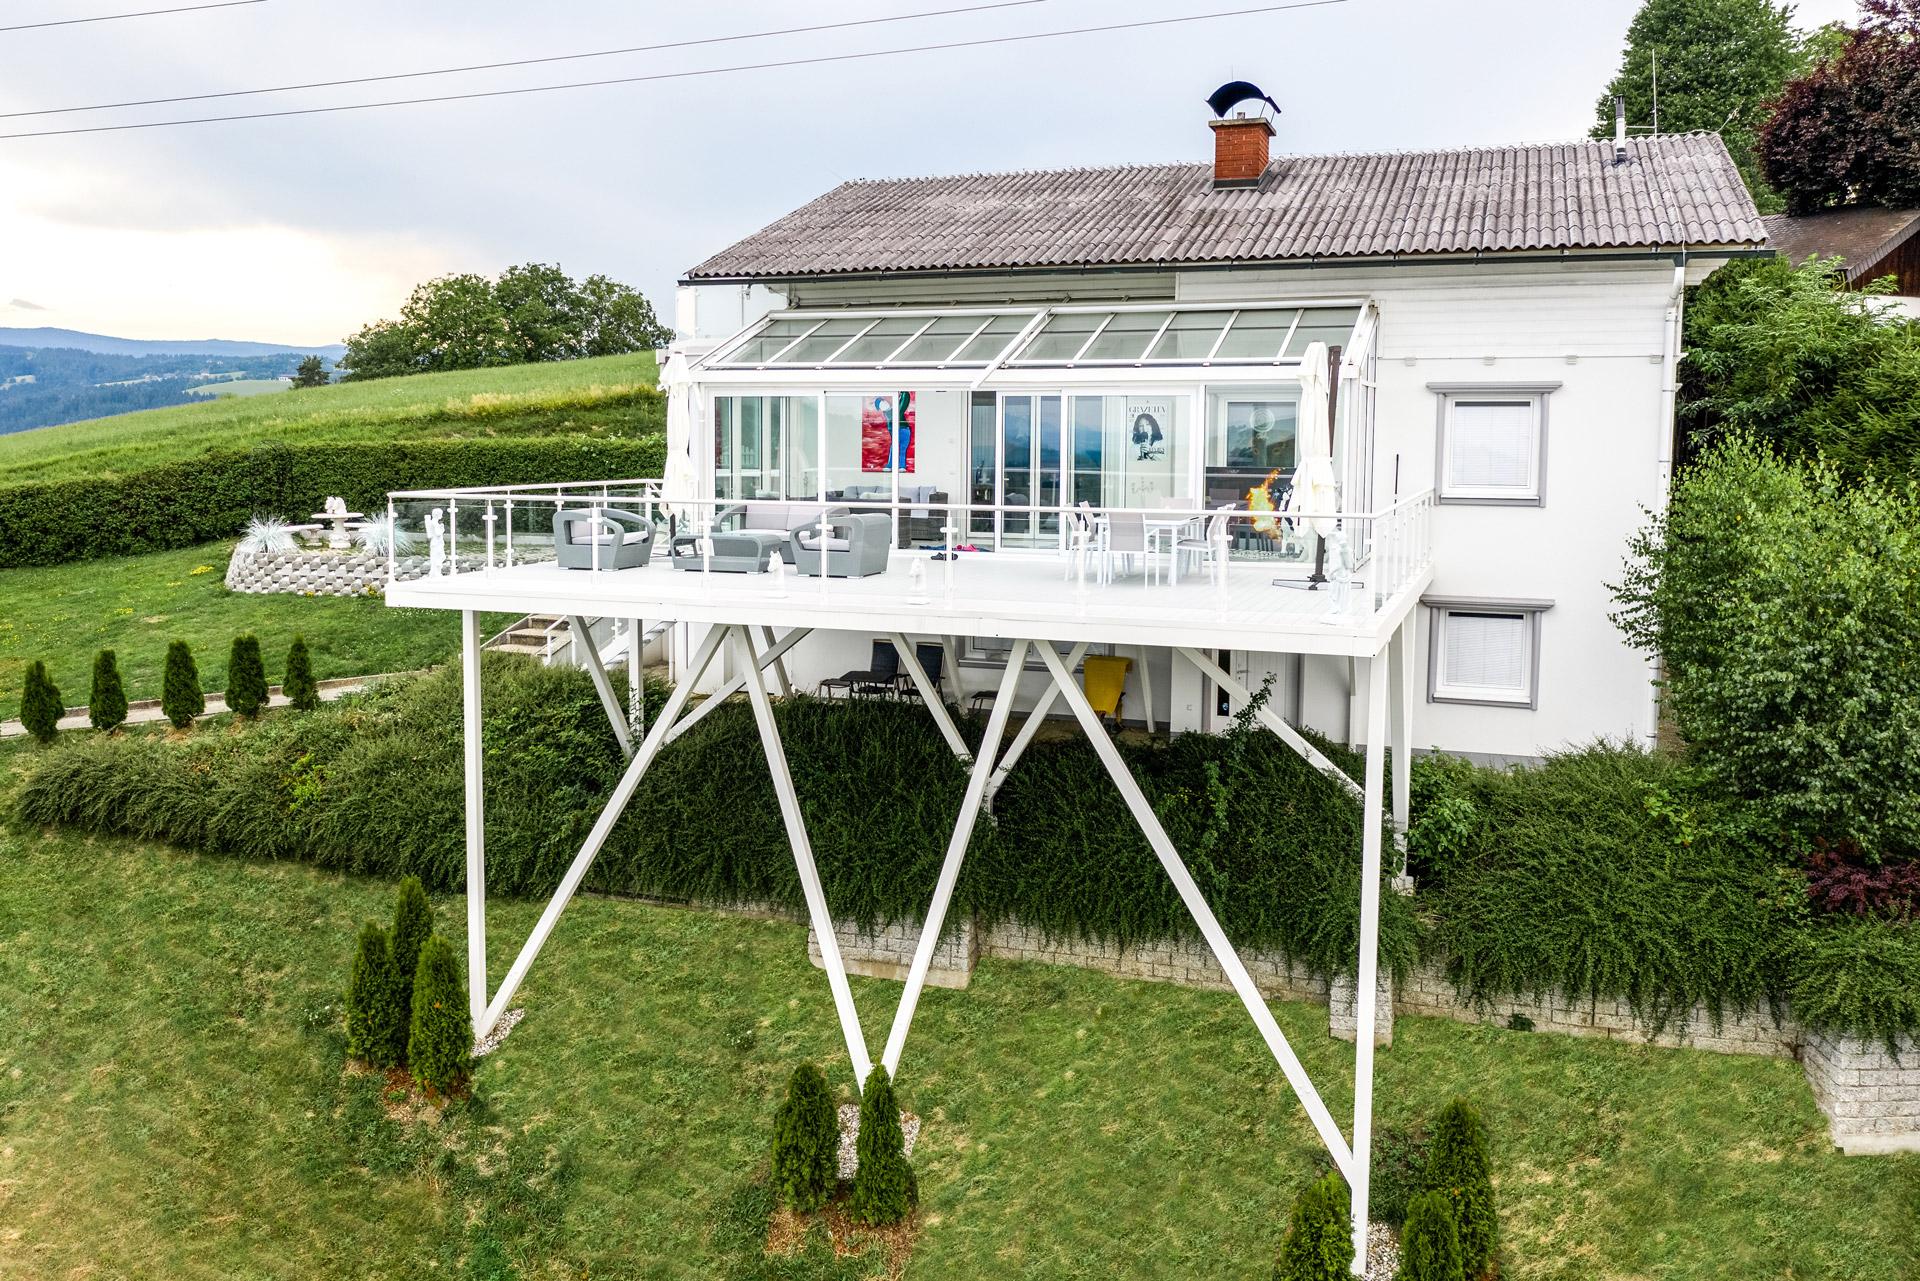 S 24 e | Übergroßer Alu-Terrassenzubau weiß beschichtet in steilem Hang, Alu-Glas-Geländer | Svoboda